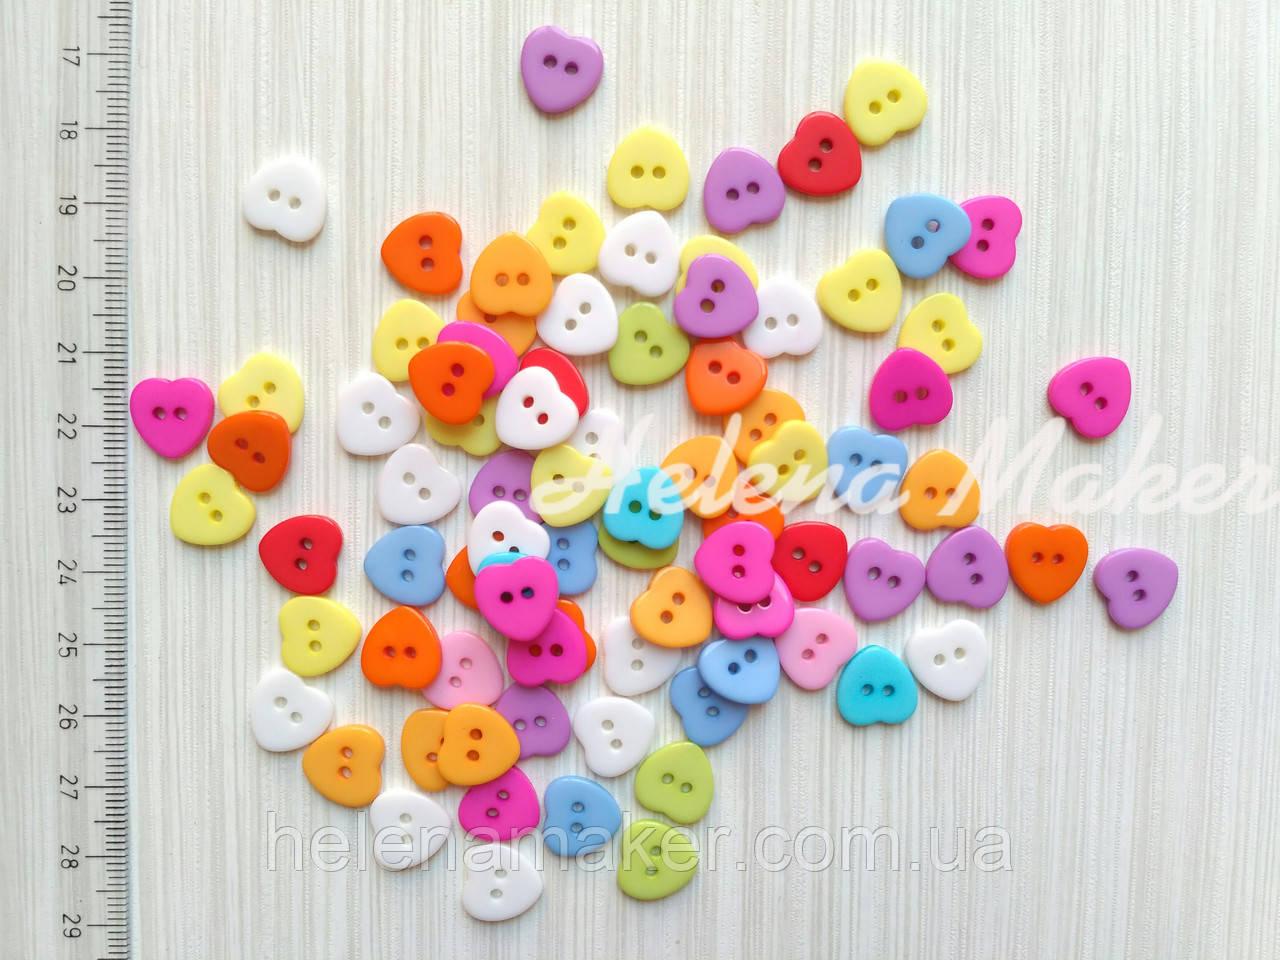 Набір пластикових ґудзиків Серце 10 шт 11 мм